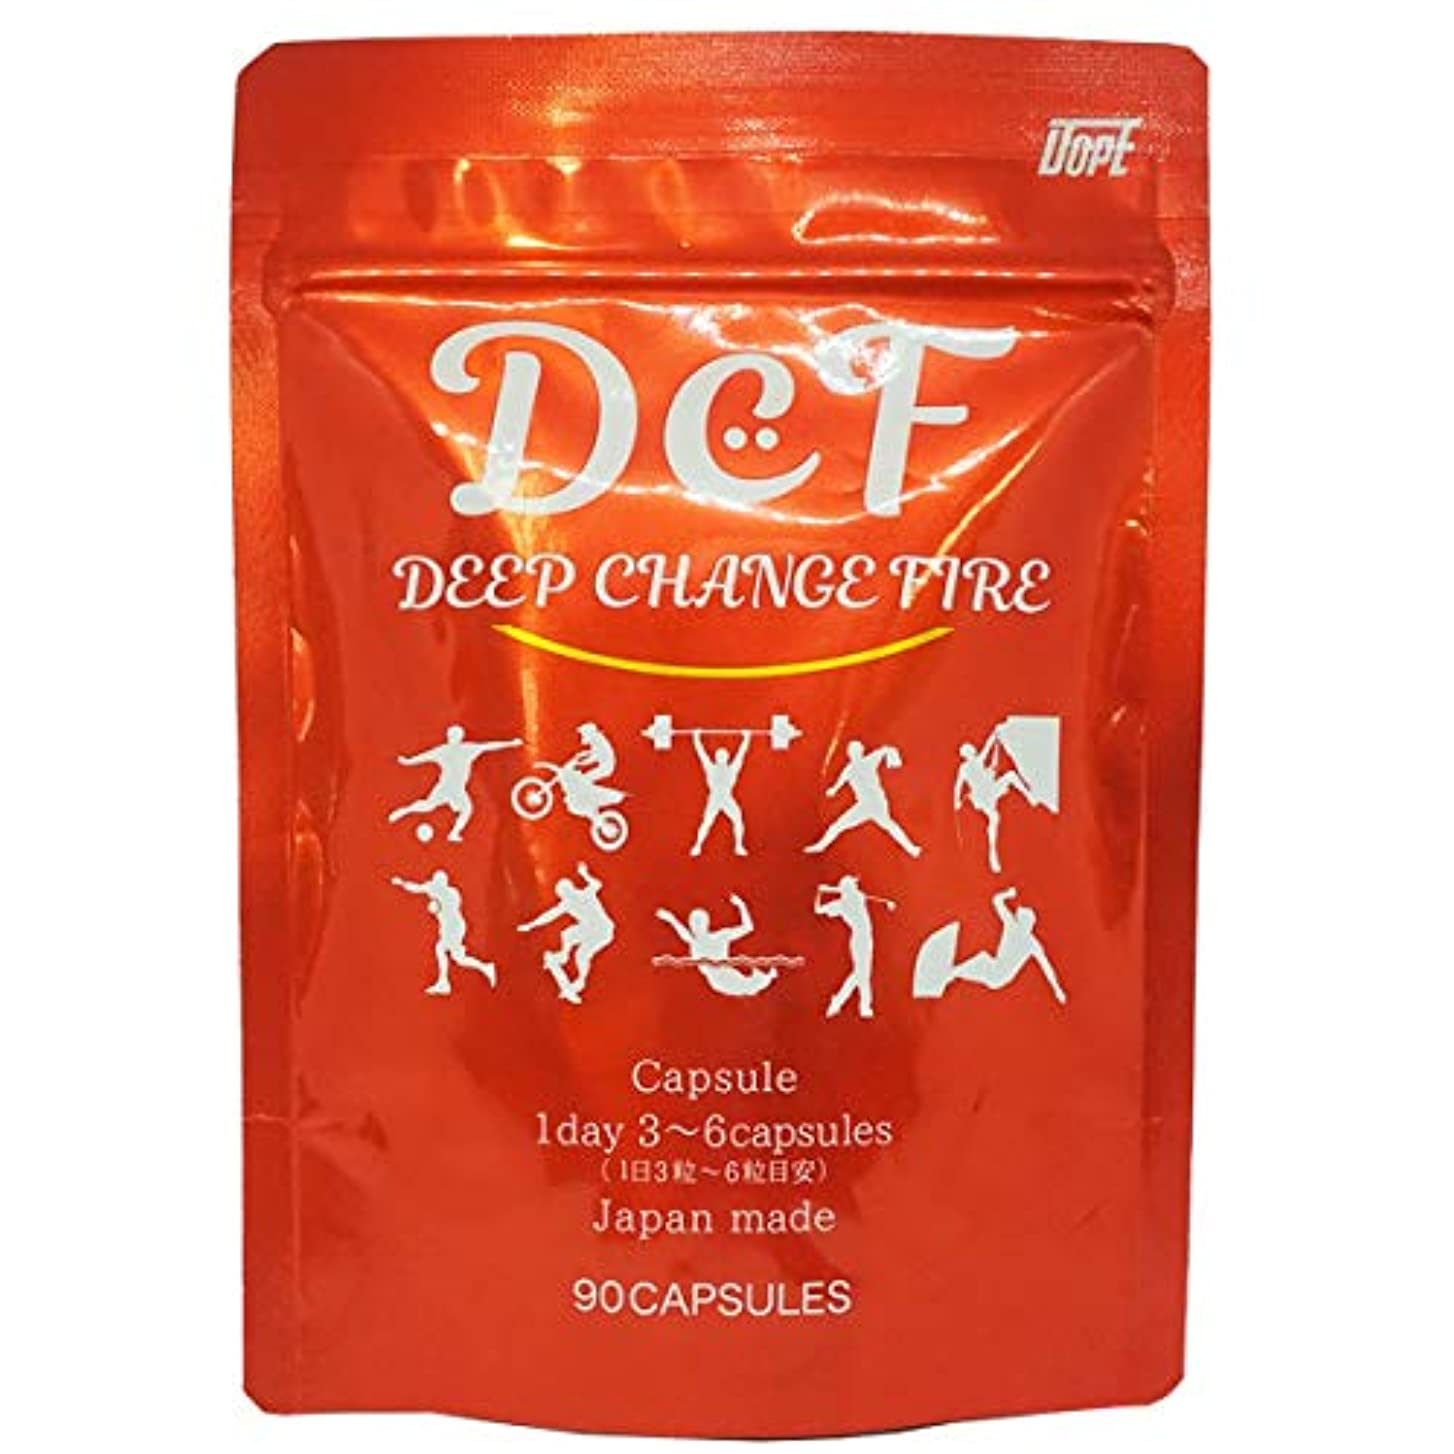 クーポンかわす休日DCF(ディープチェンジファイア) 約30日分/90粒 ★カプサイシン燃焼ダイエット★